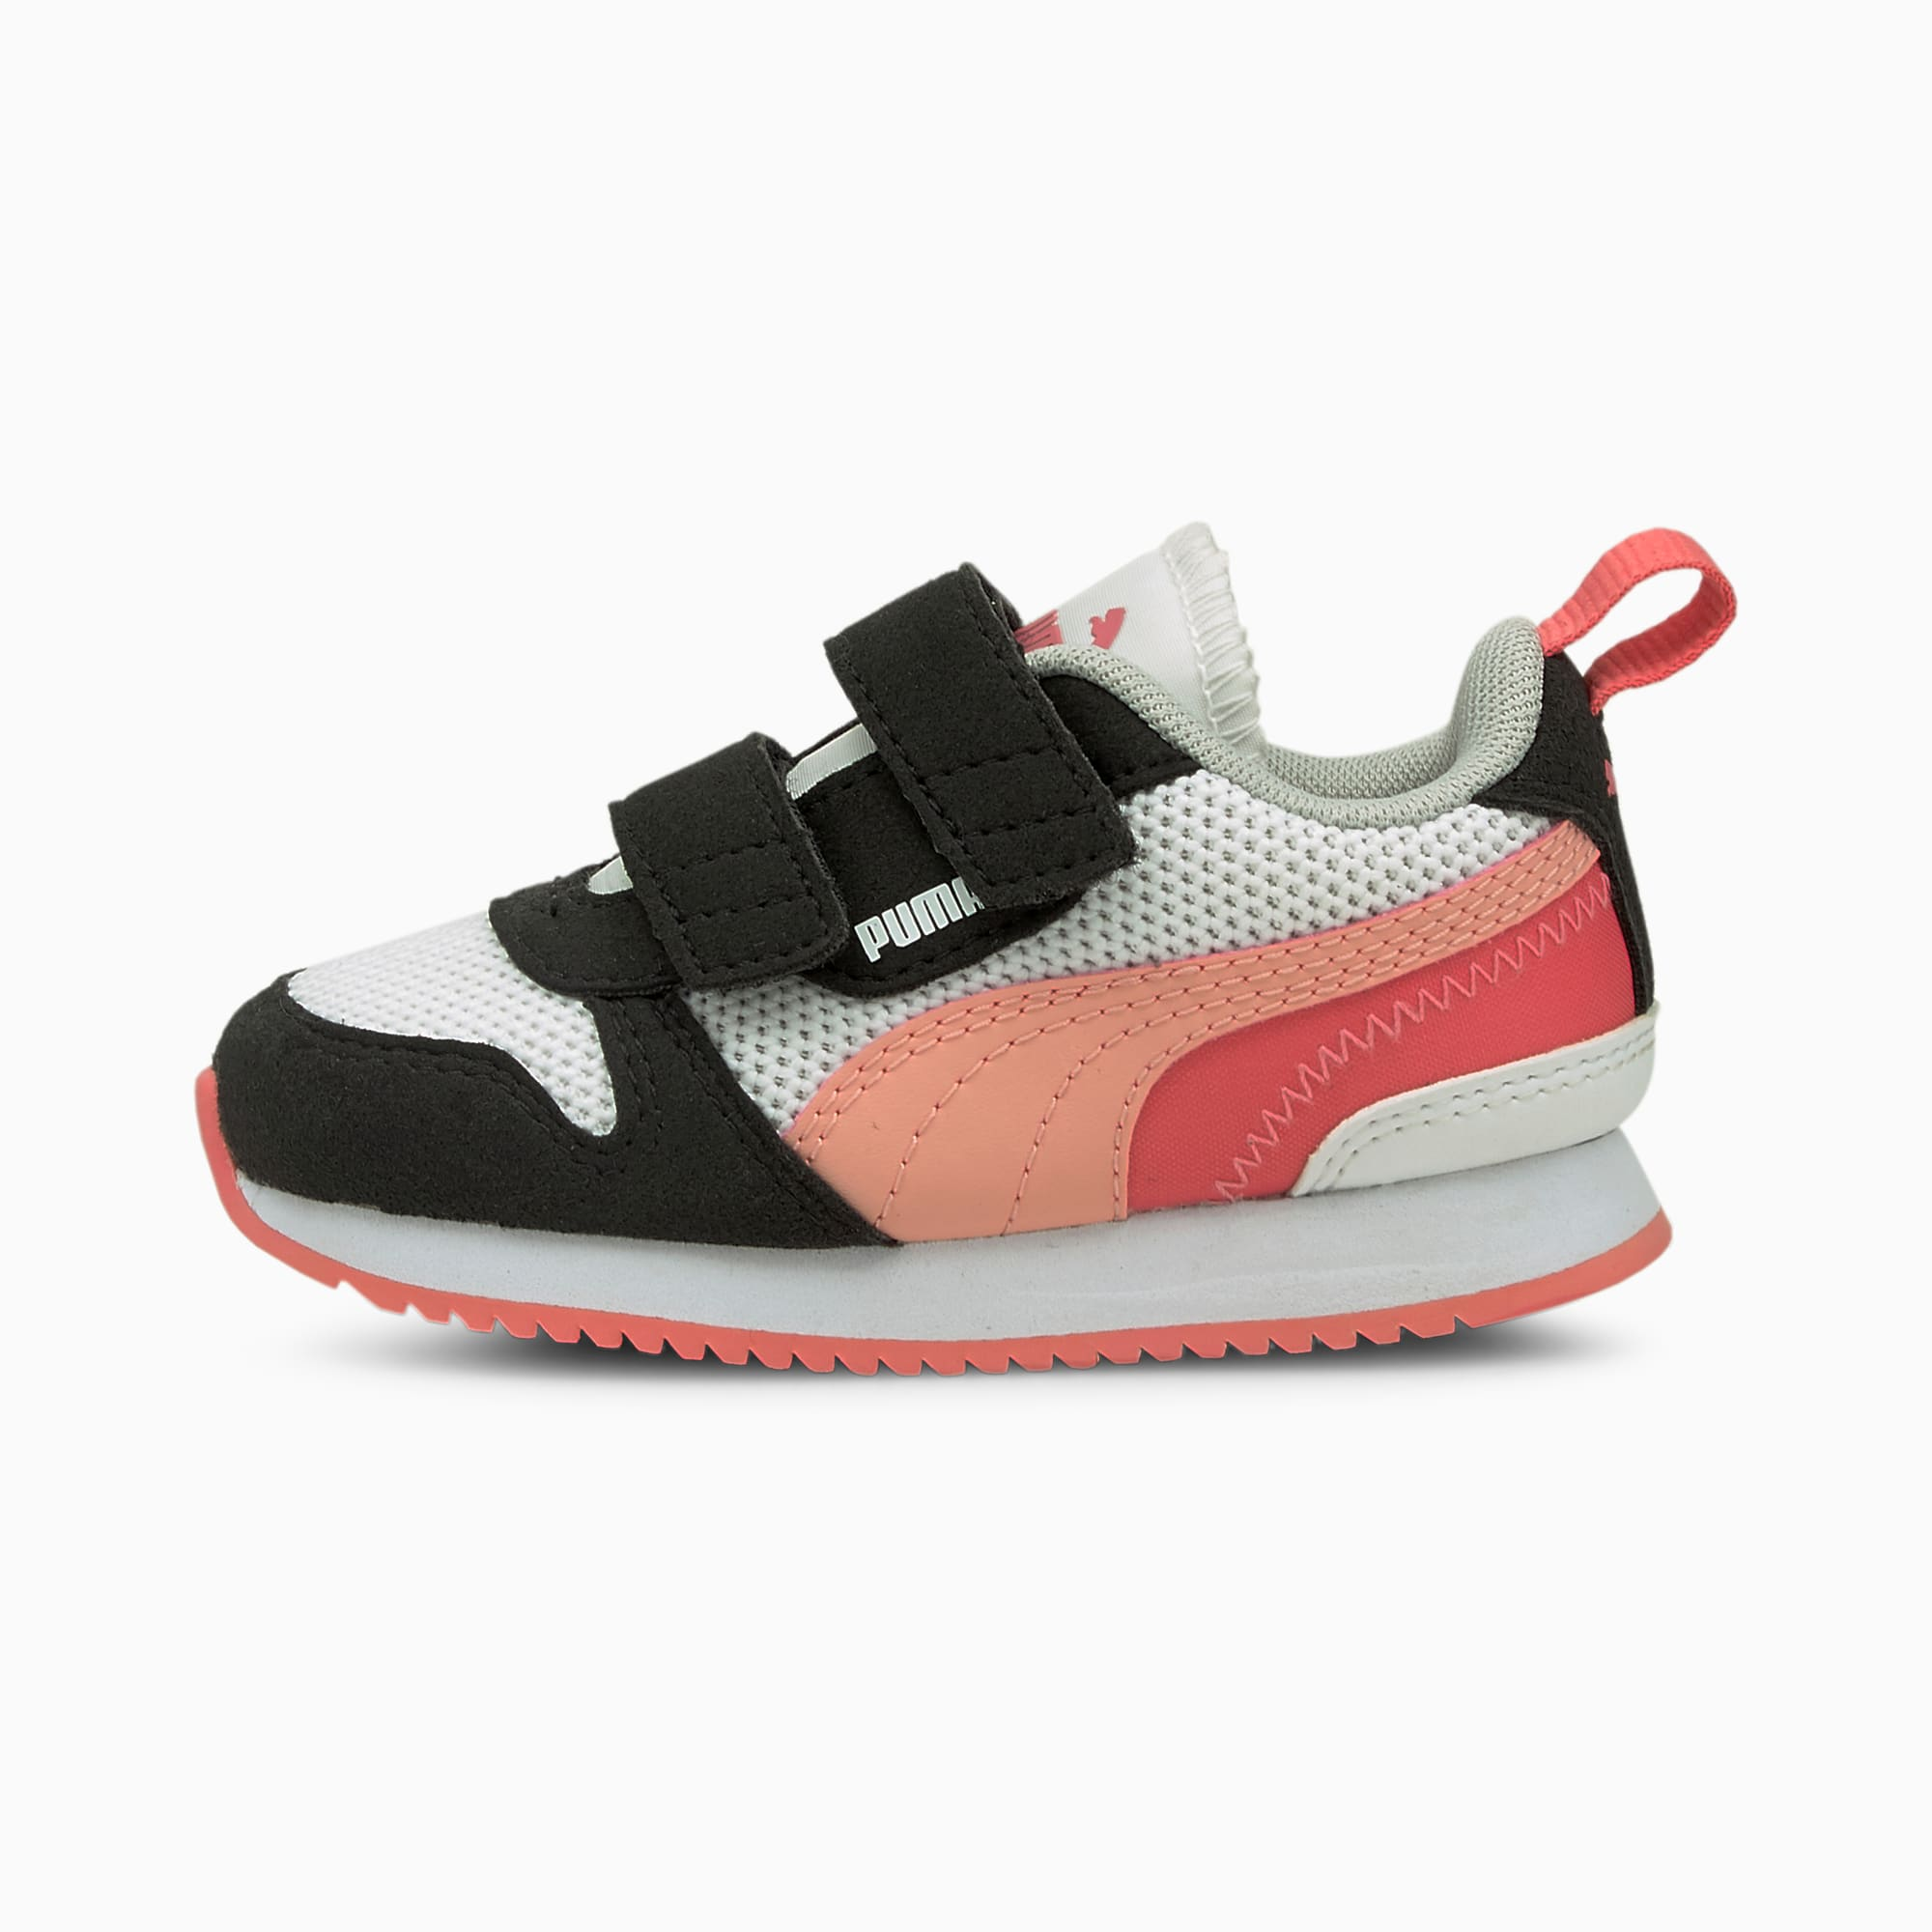 PUMA R78 Toddler Shoes